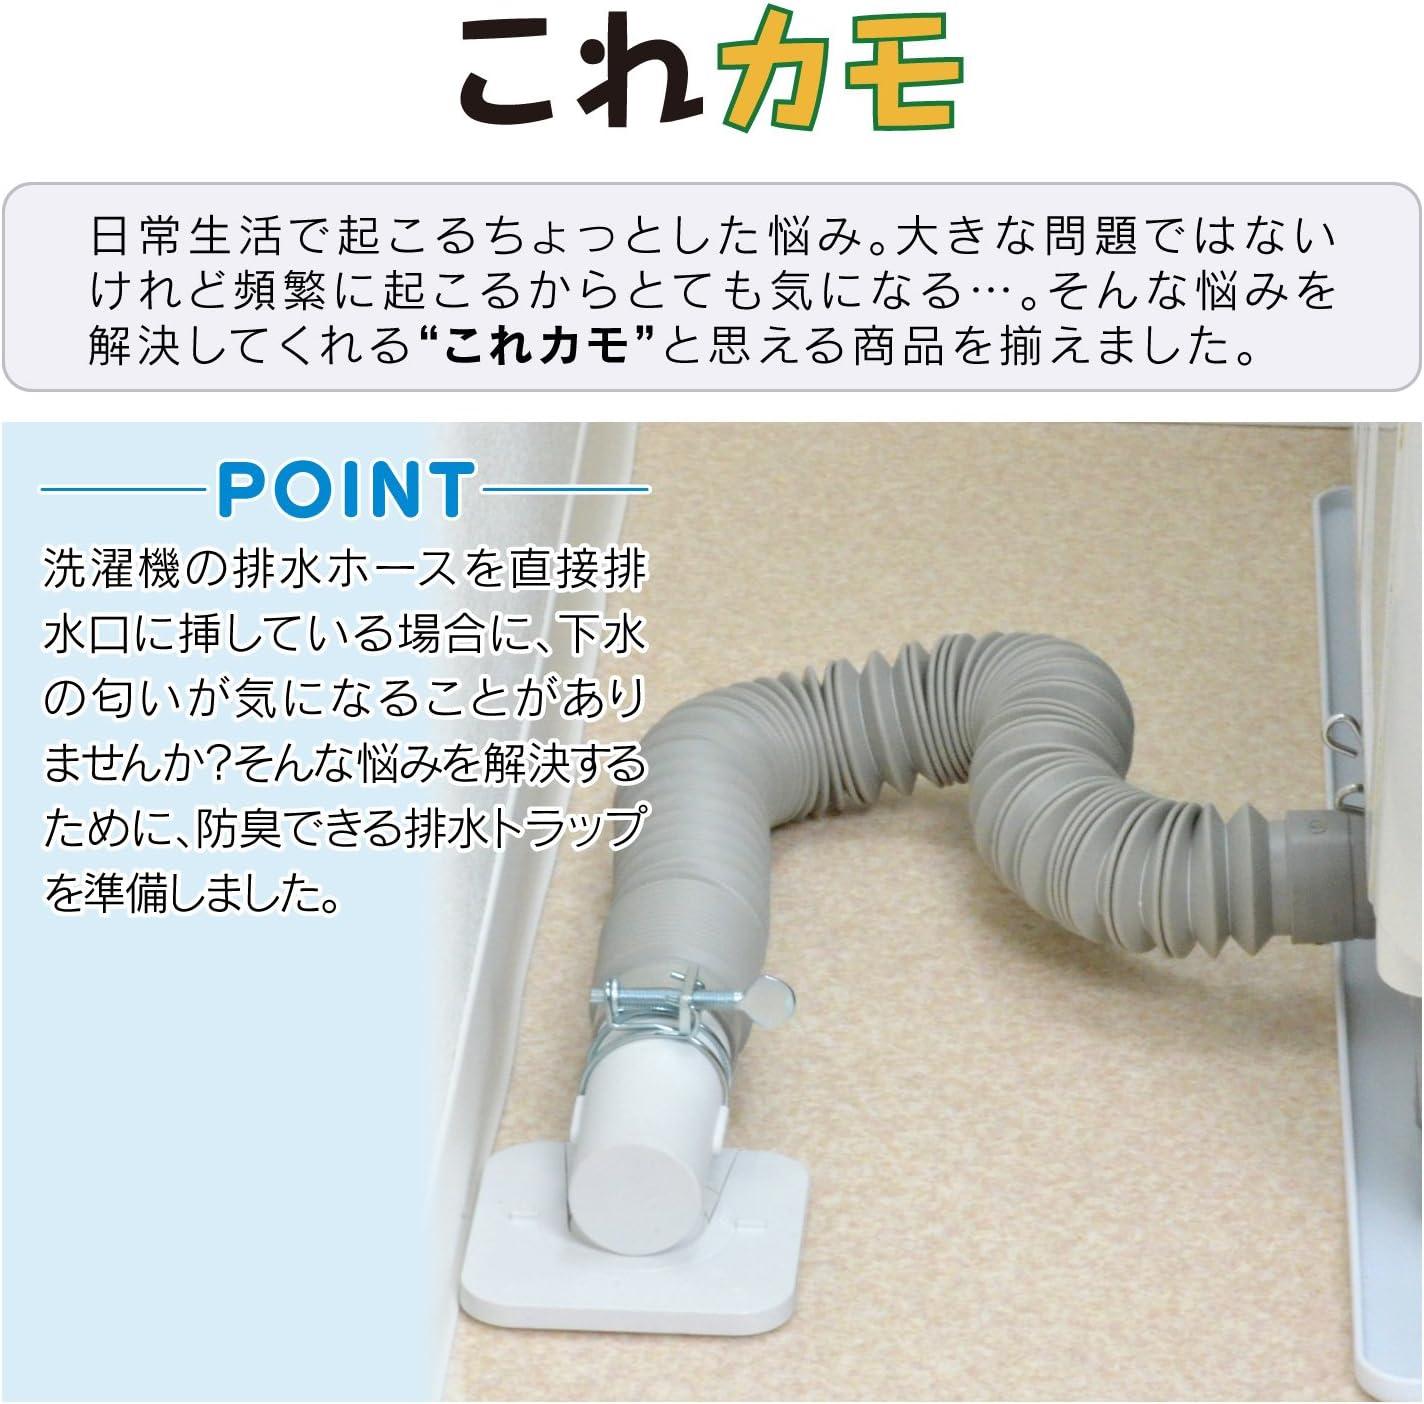 機 口 臭い 排水 洗濯